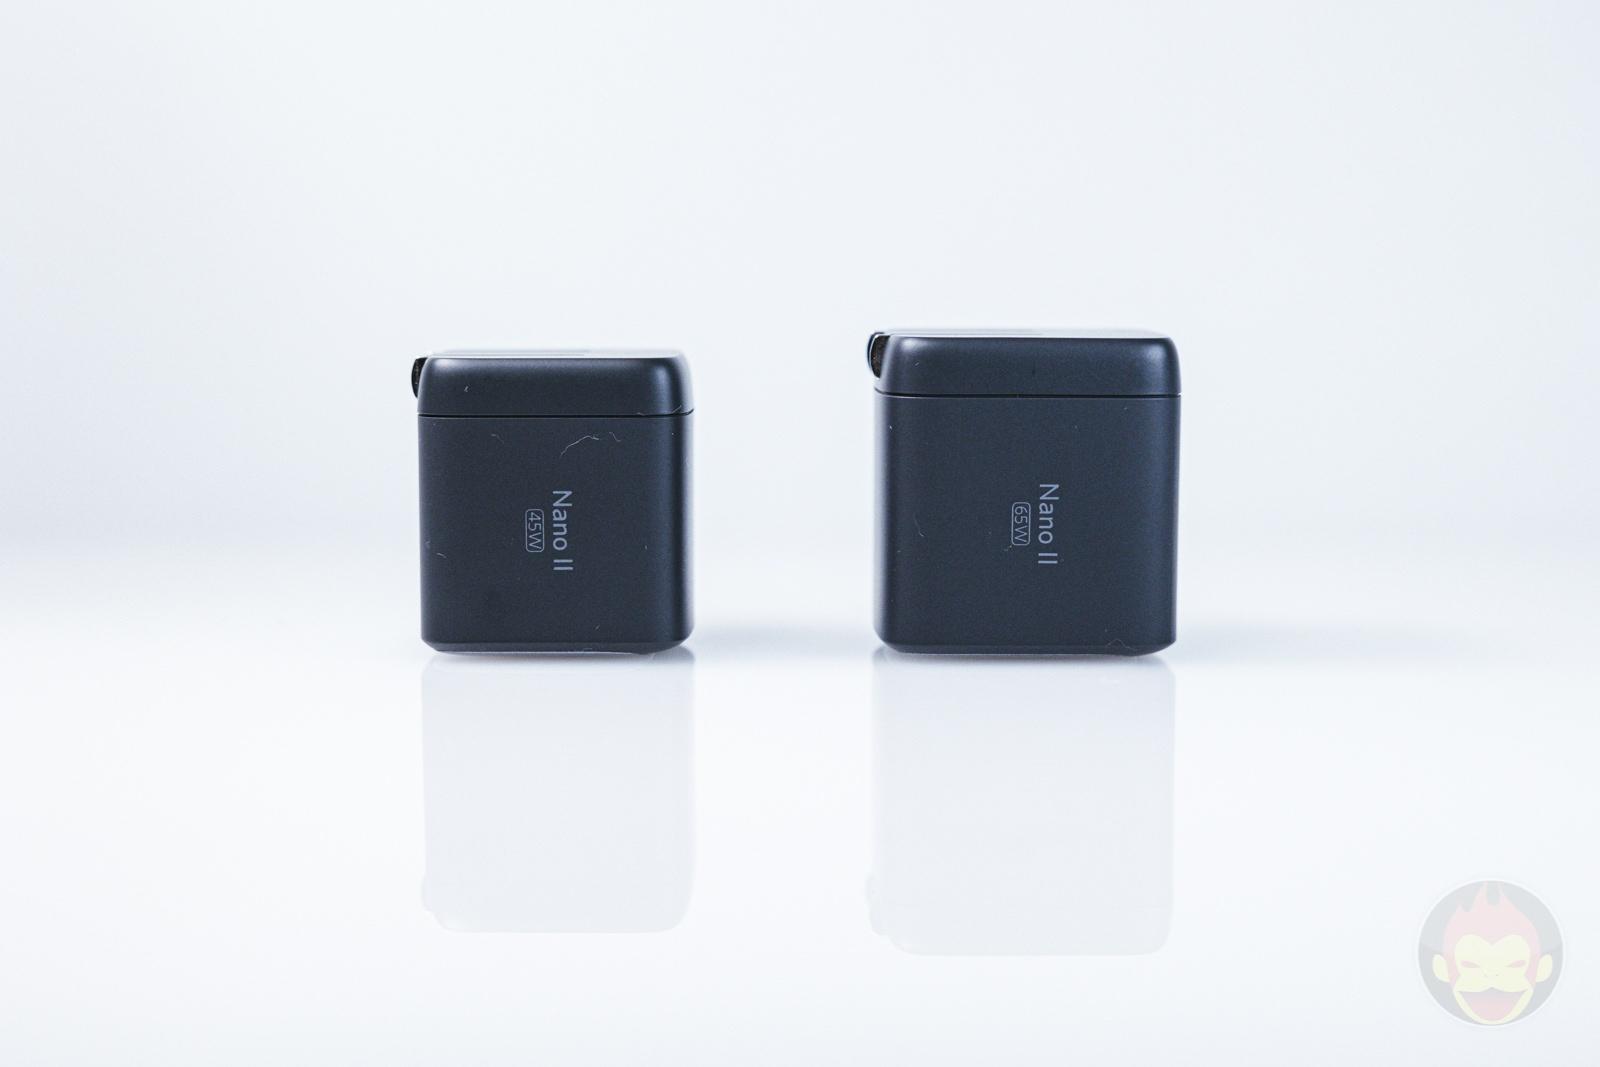 Anker-Nano-II-45W-and-65W-review-05.jpg